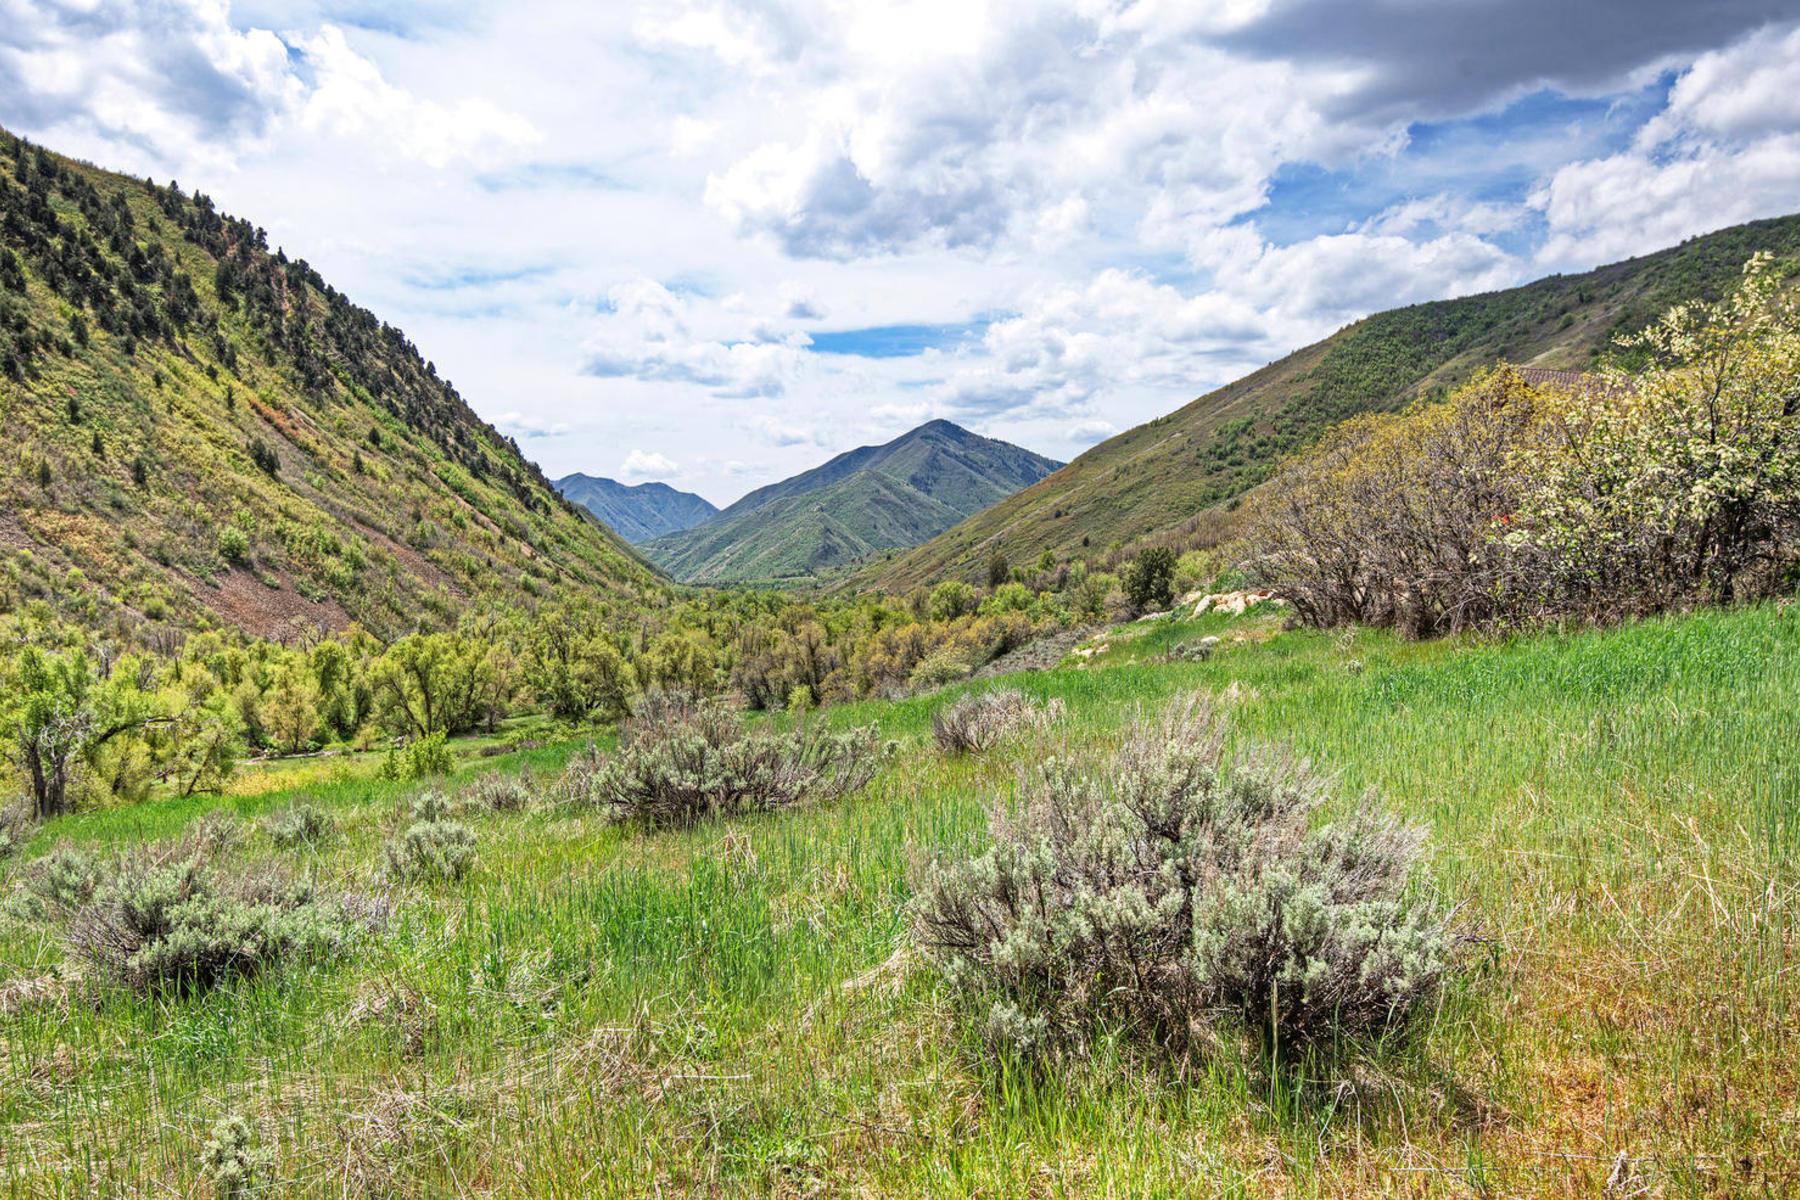 Terreno por un Venta en Cottages at Hobble Creek 7426 E Meadow Dr Lot 2 Springville, Utah, 84663 Estados Unidos